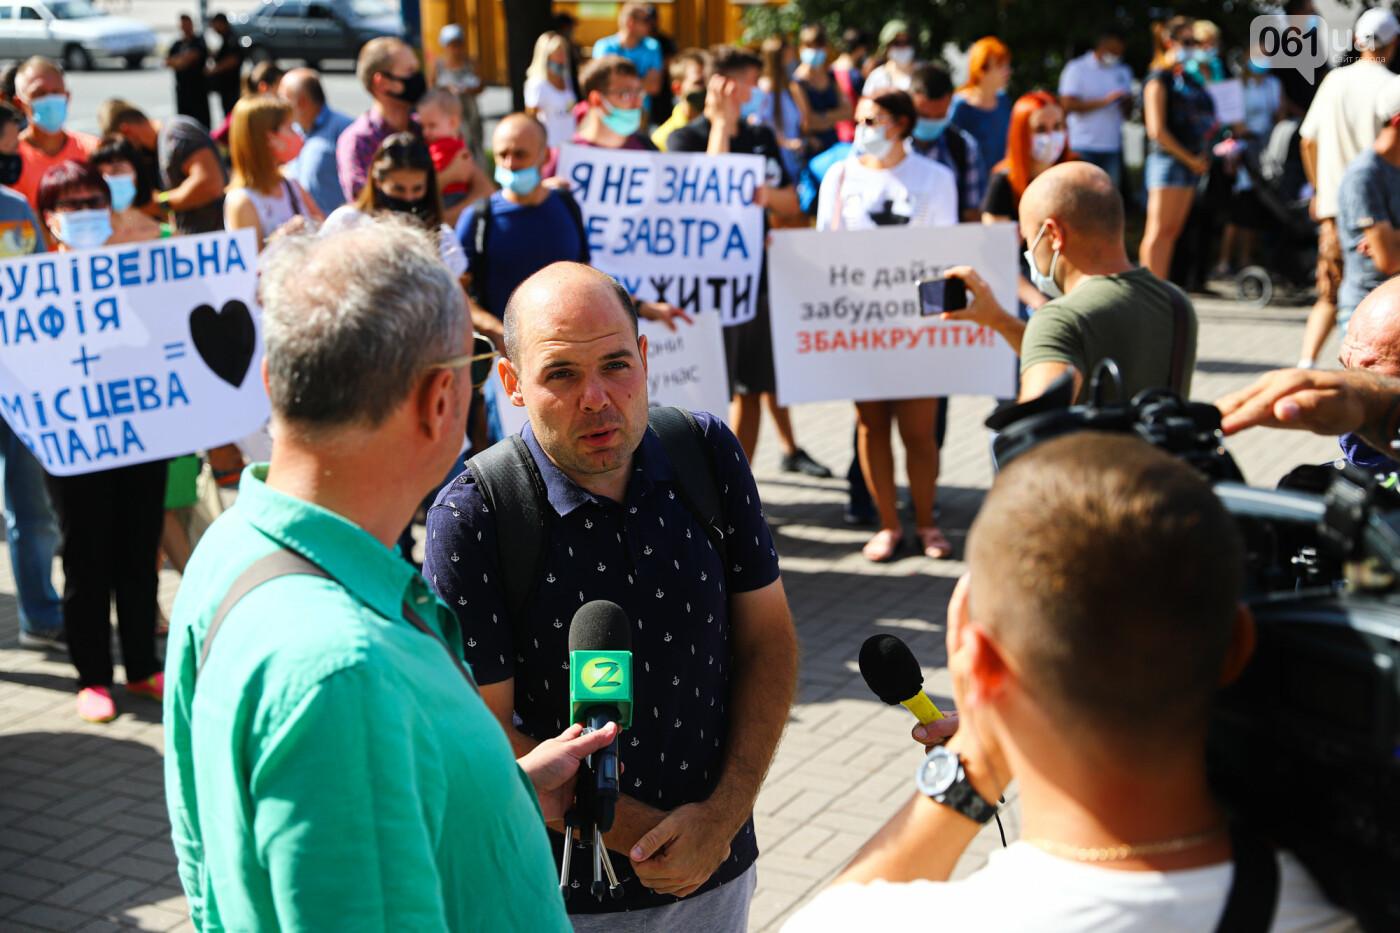 «Я выплачиваю кредит за воздух»: жильцы недостроенных многоэтажек вышли на митинг под стенами мэрии, - ФОТОРЕПОРТАЖ, фото-9